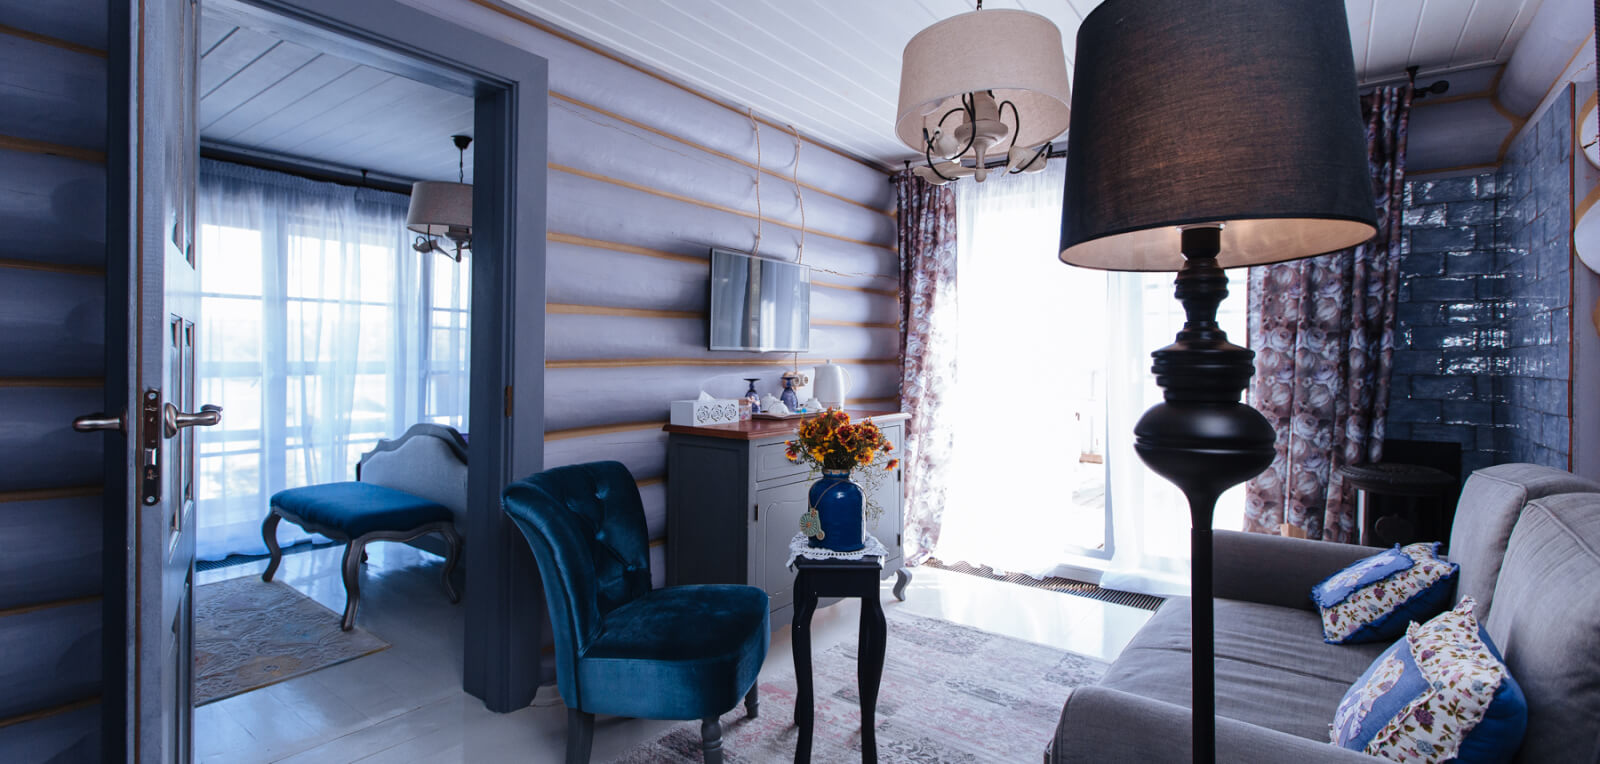 Бутик-отель Грандъ Сова в Плёсе Гостиница в Плёсе